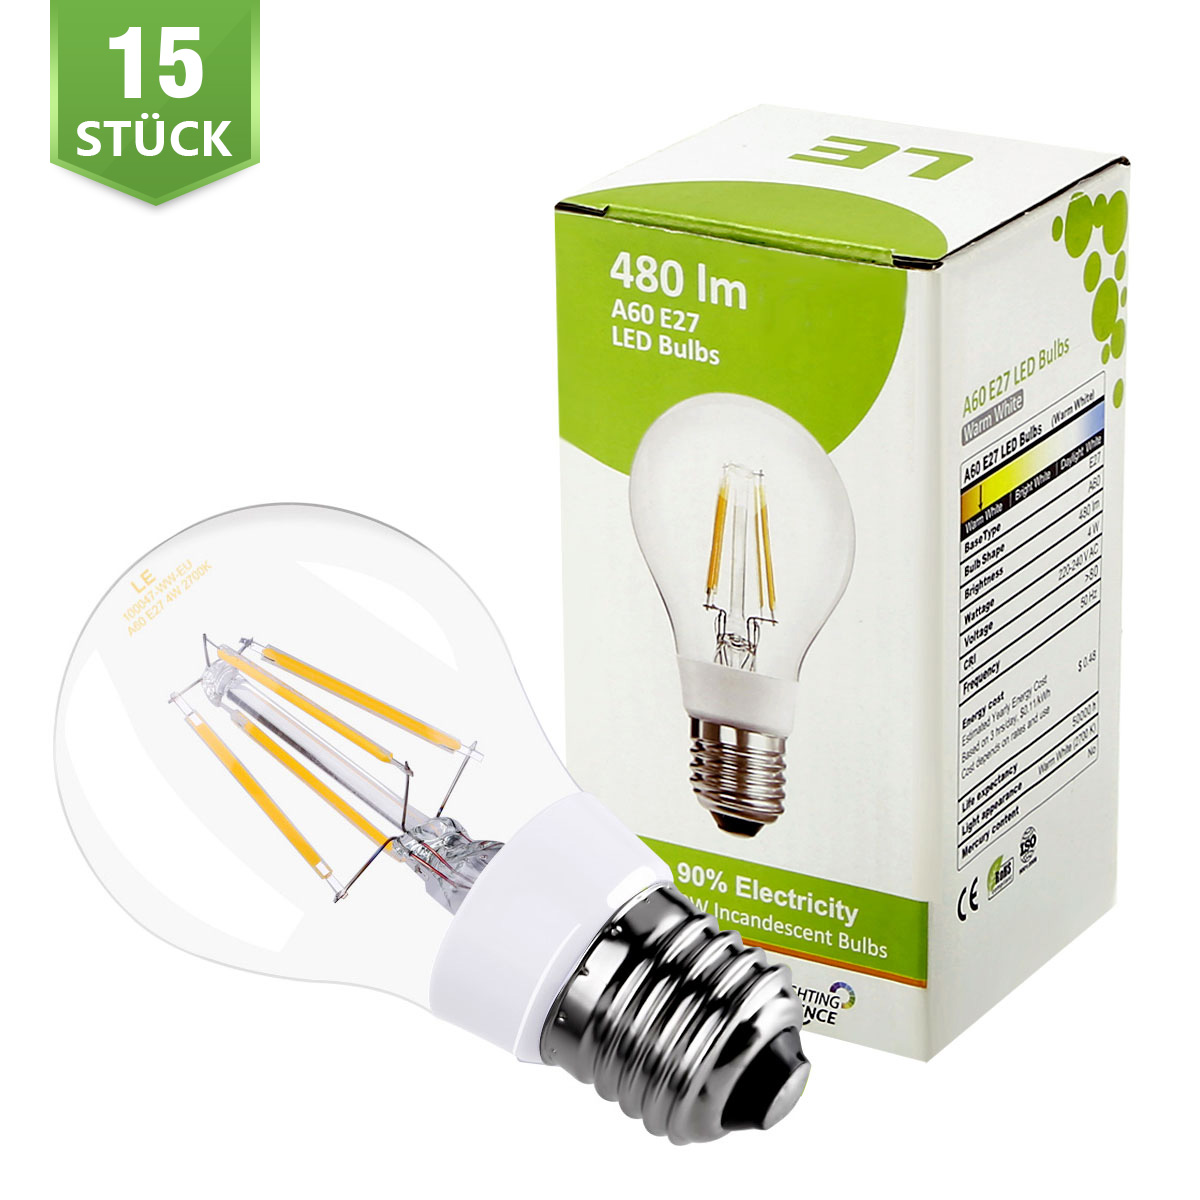 [Bündel] 4W A60 LED Glühfaden Birnen, 360° Strahler, Ersatz für 40W Glühlampe, Warmweiß, 15er Set